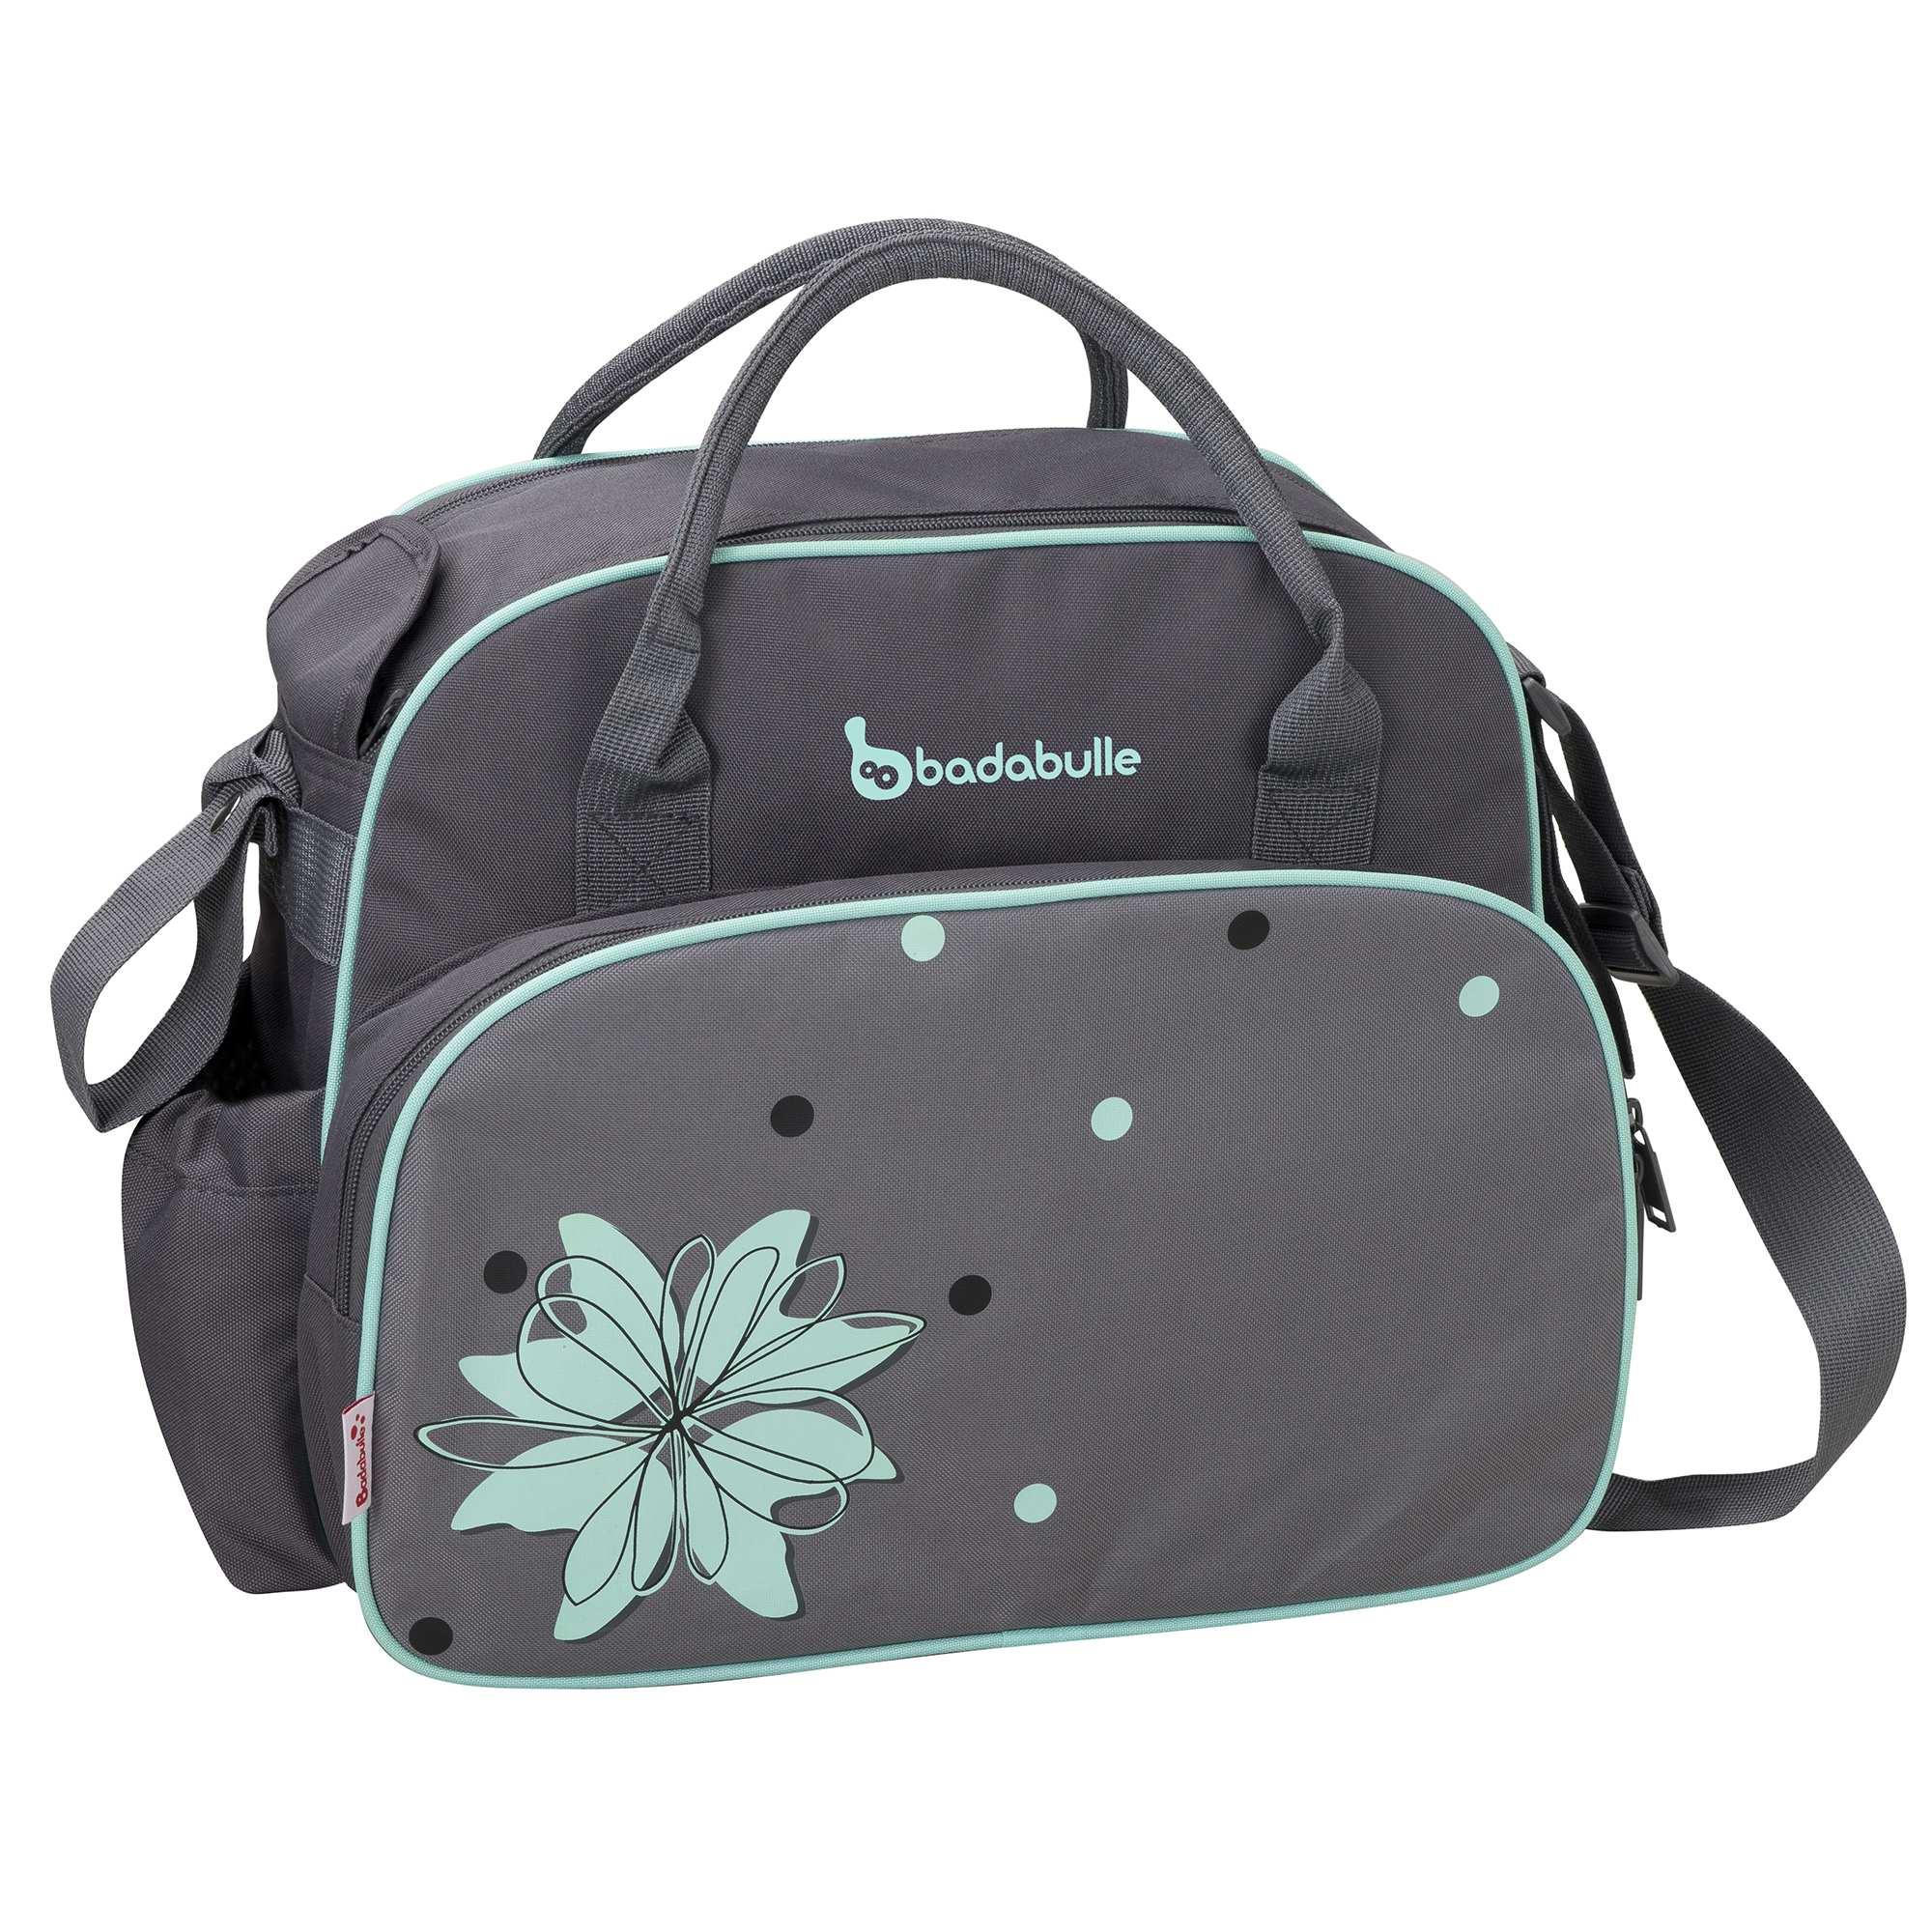 Couleur : gris, noir/fuchsia, ,, - Taille : TU, , ,,Ce sac à langer très pratique sera votre allié et celui de bébé dans tous vos